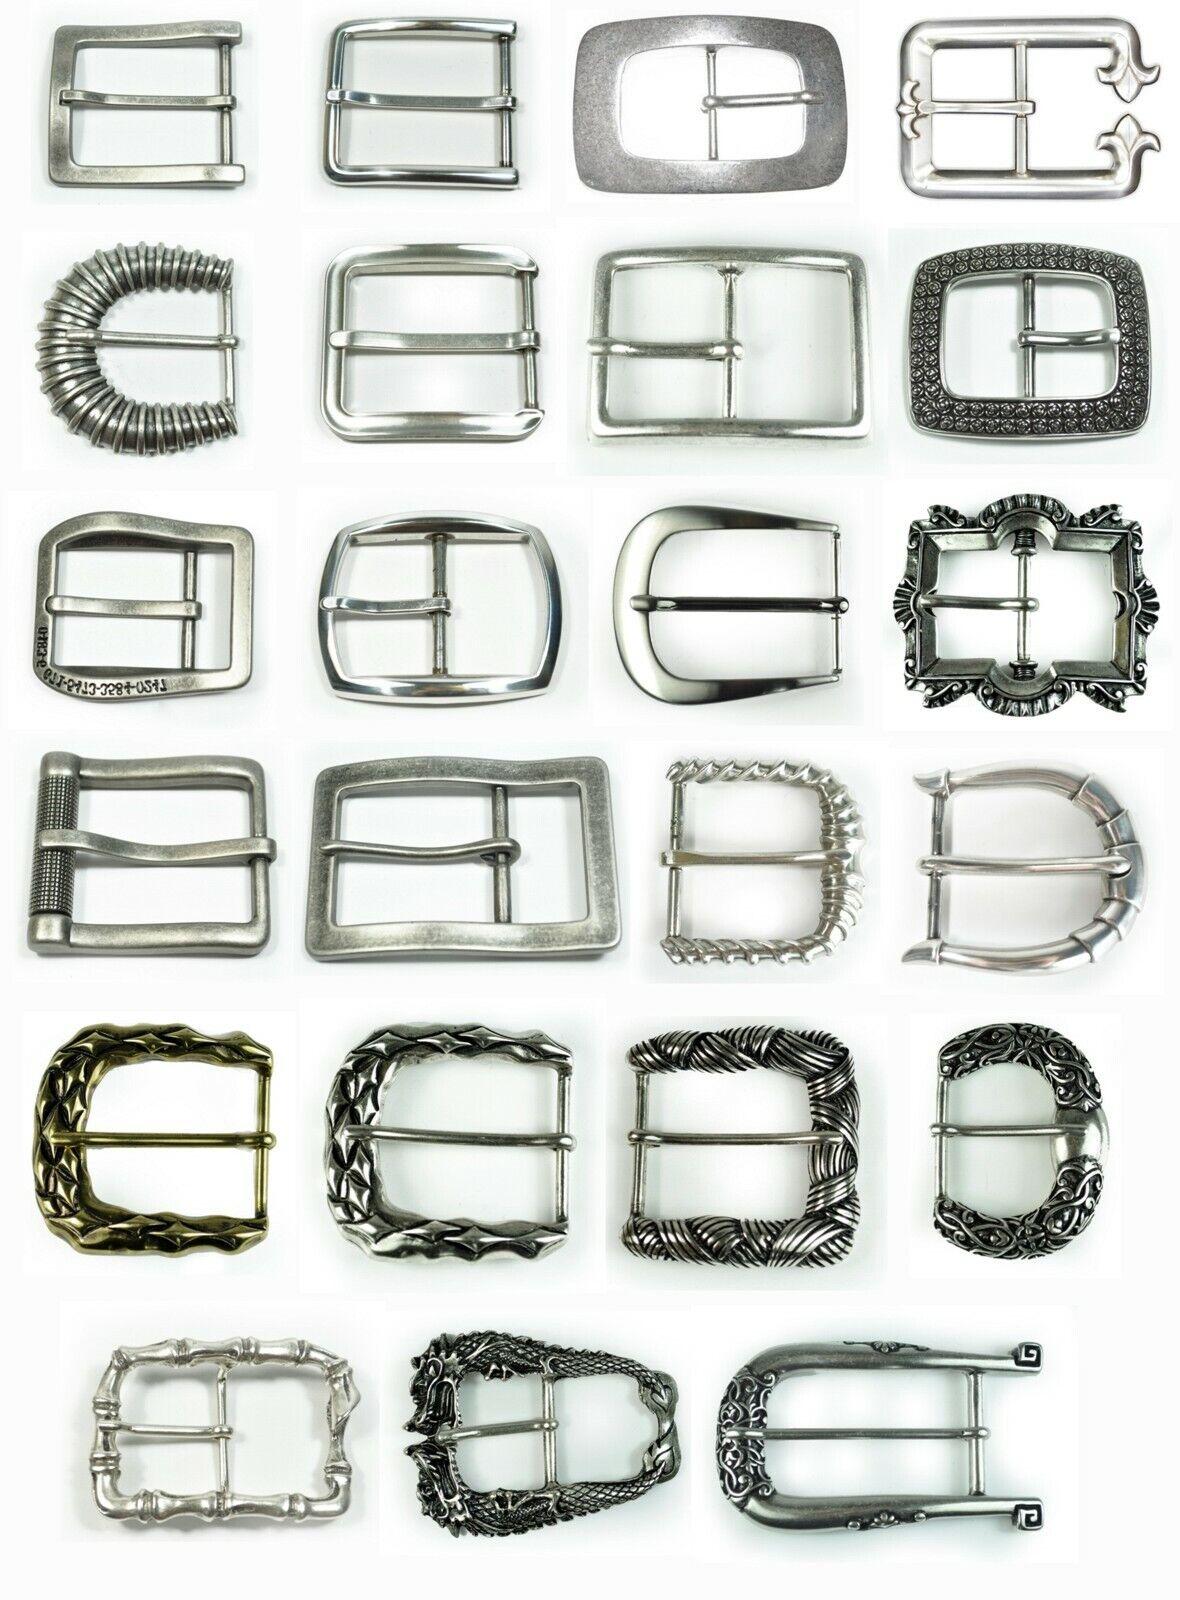 Schließe Gürtel-Schnalle Dornschließe für 4 cm Schnallen Designer Dornschließen